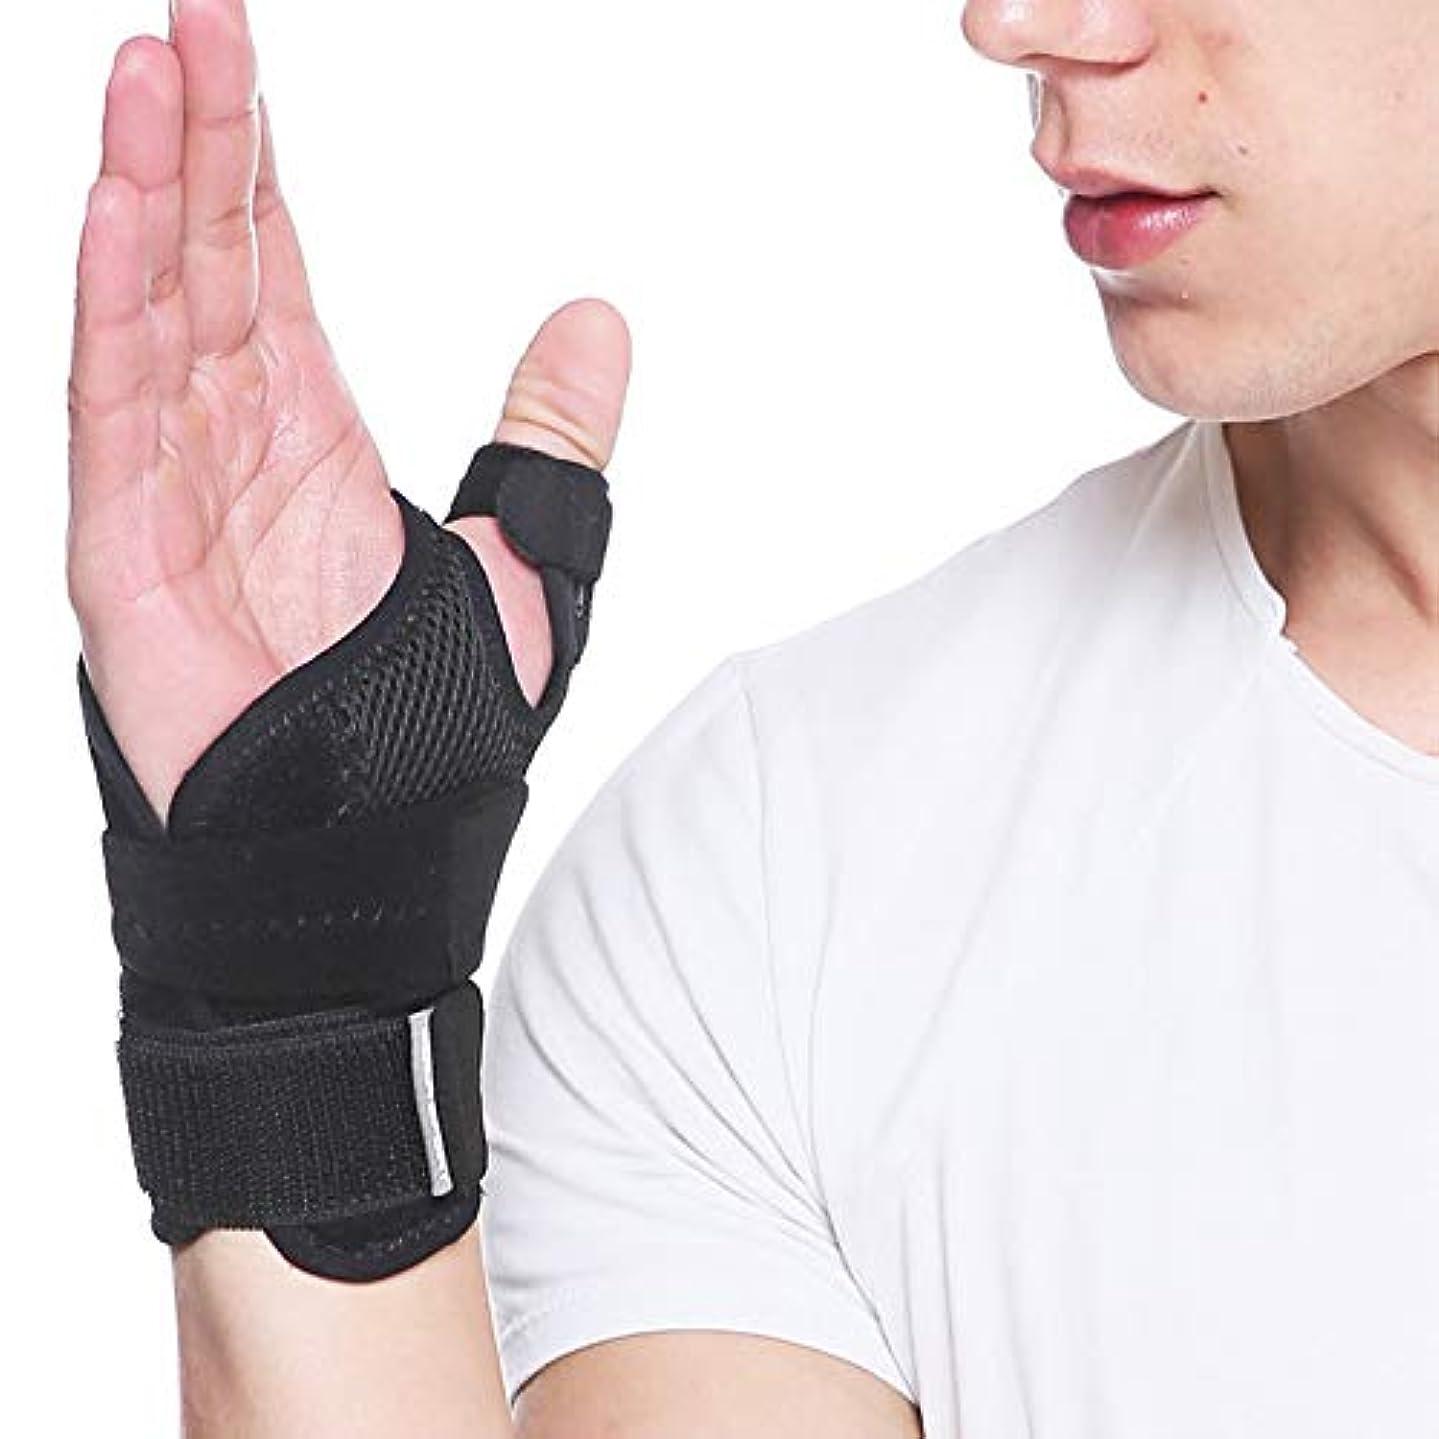 エキスパート主人誤って関節炎と腱炎の痛みを緩和するためのスプリント付き調整可能な手首サポートブレース-左手と右手にフィット1ピース